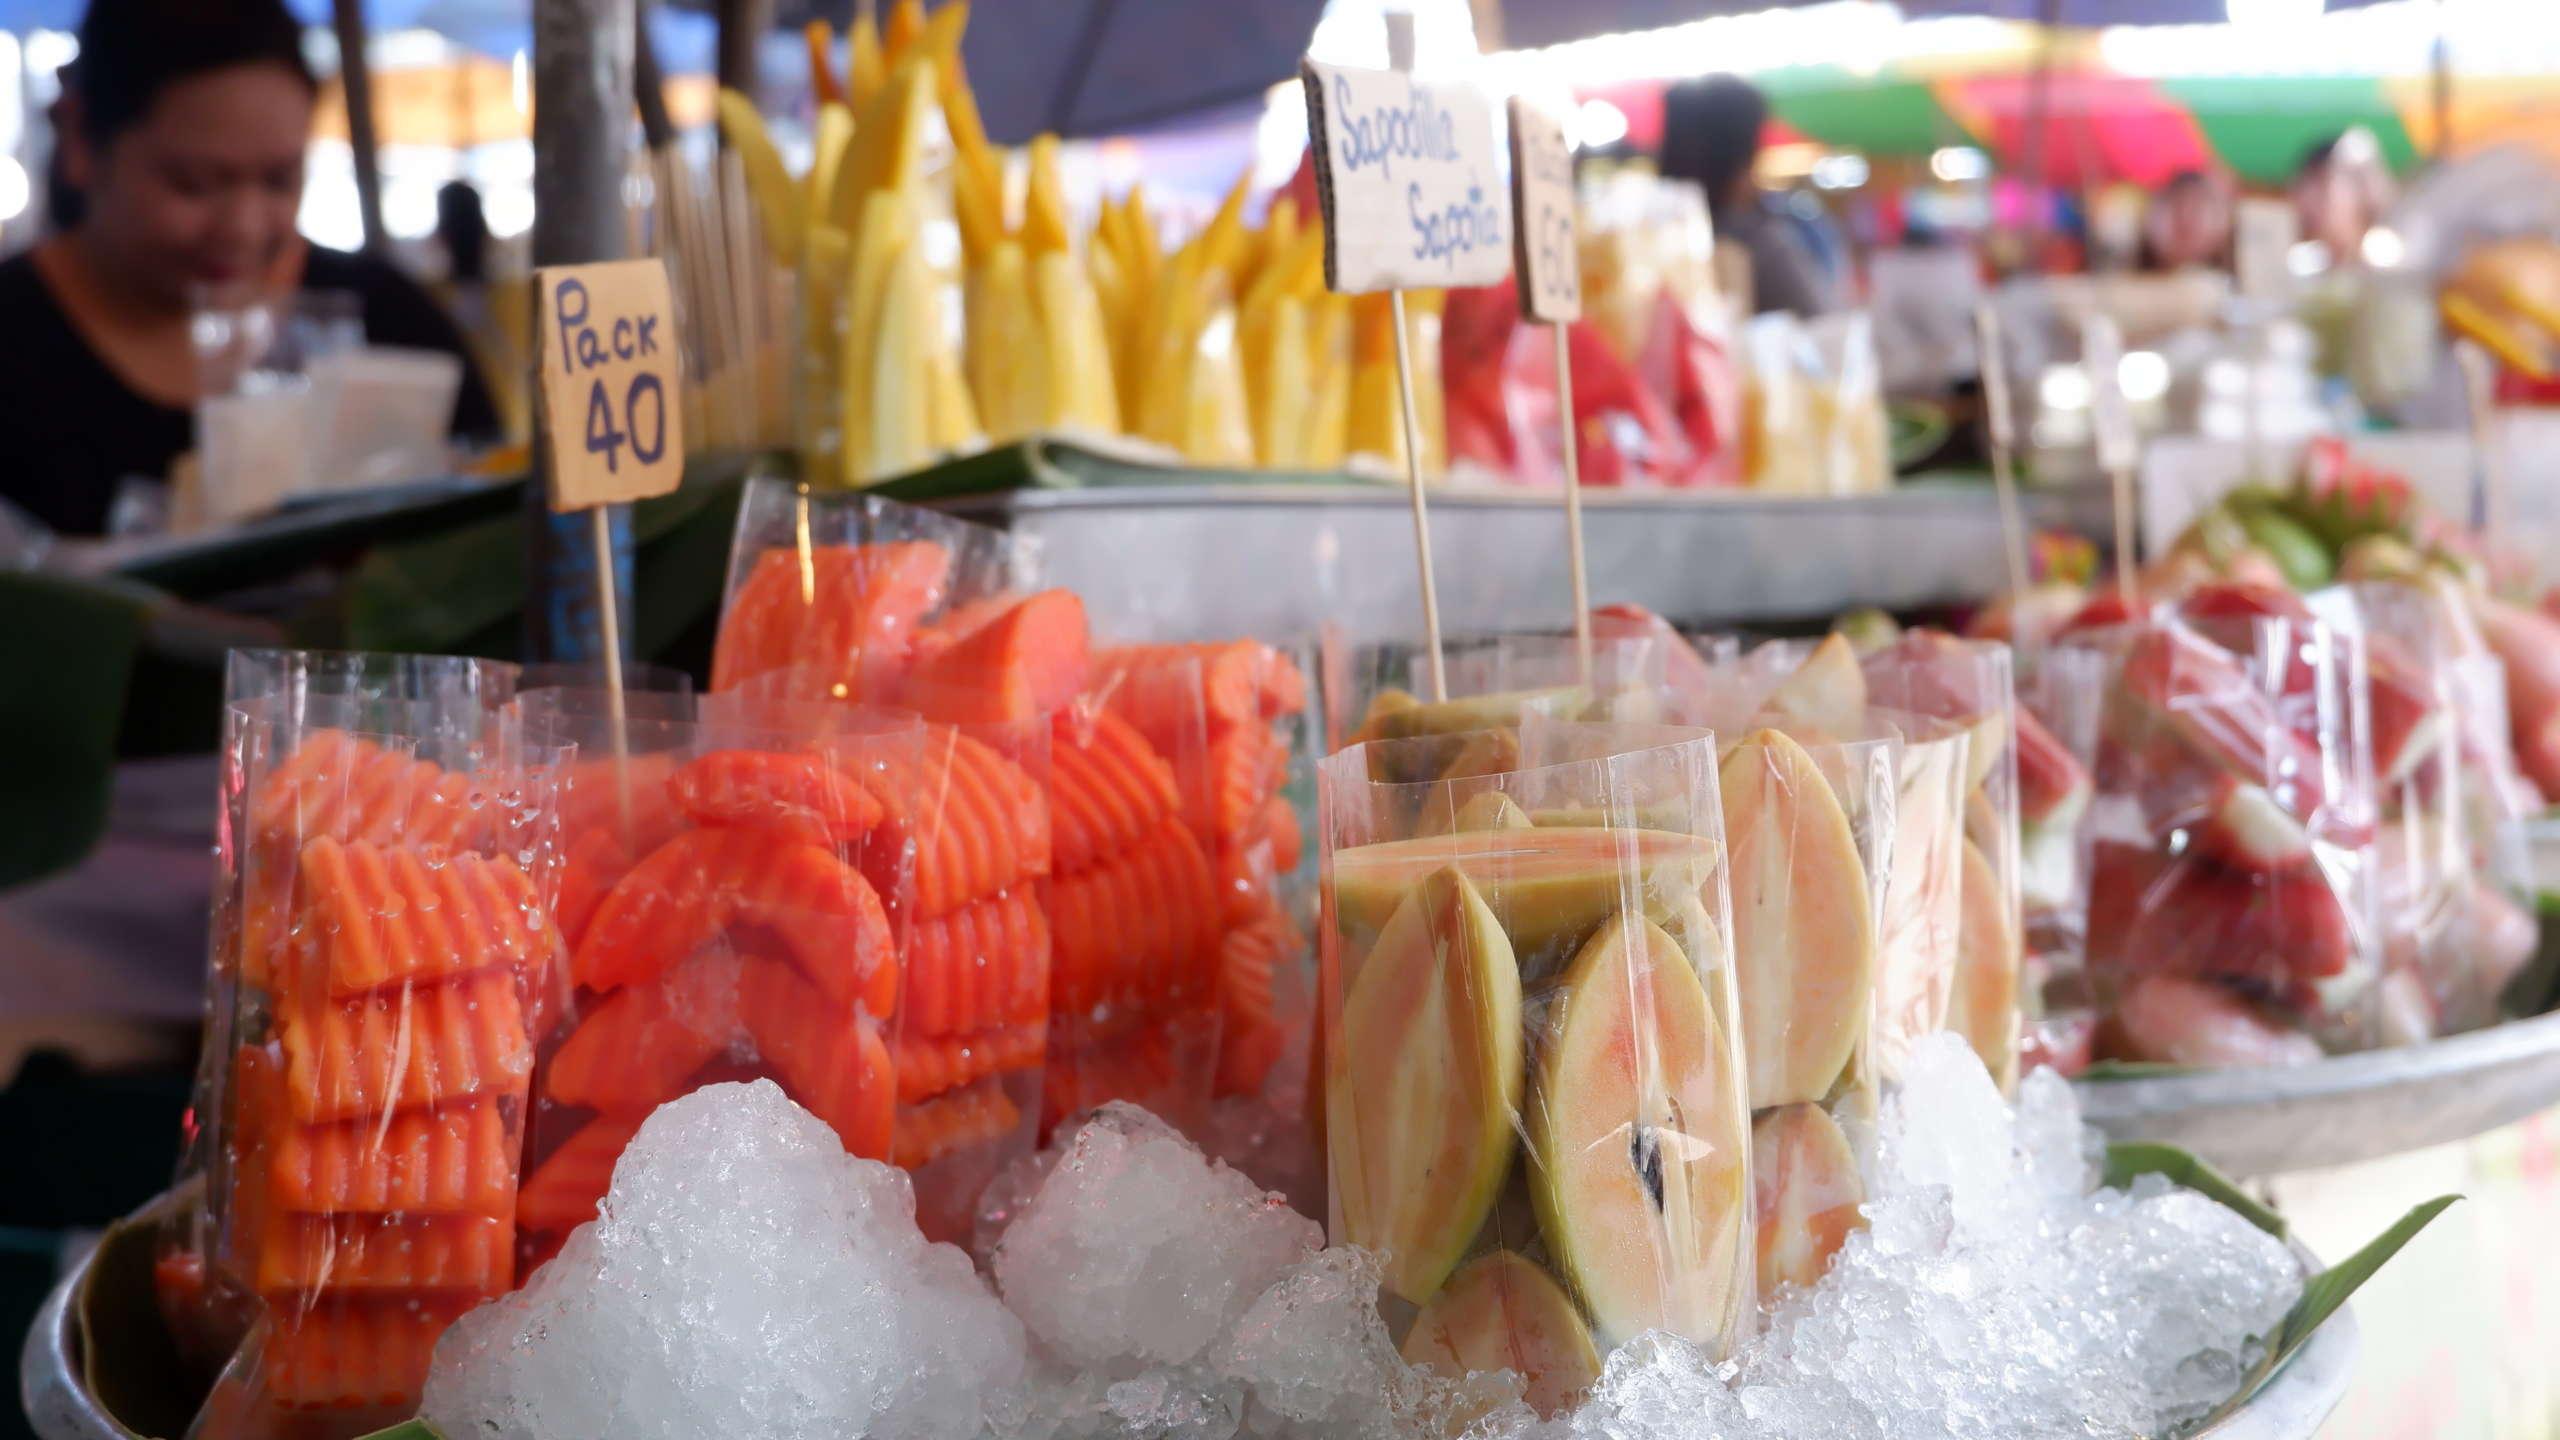 Ein Streetfood Stand mit Früchten in Asien